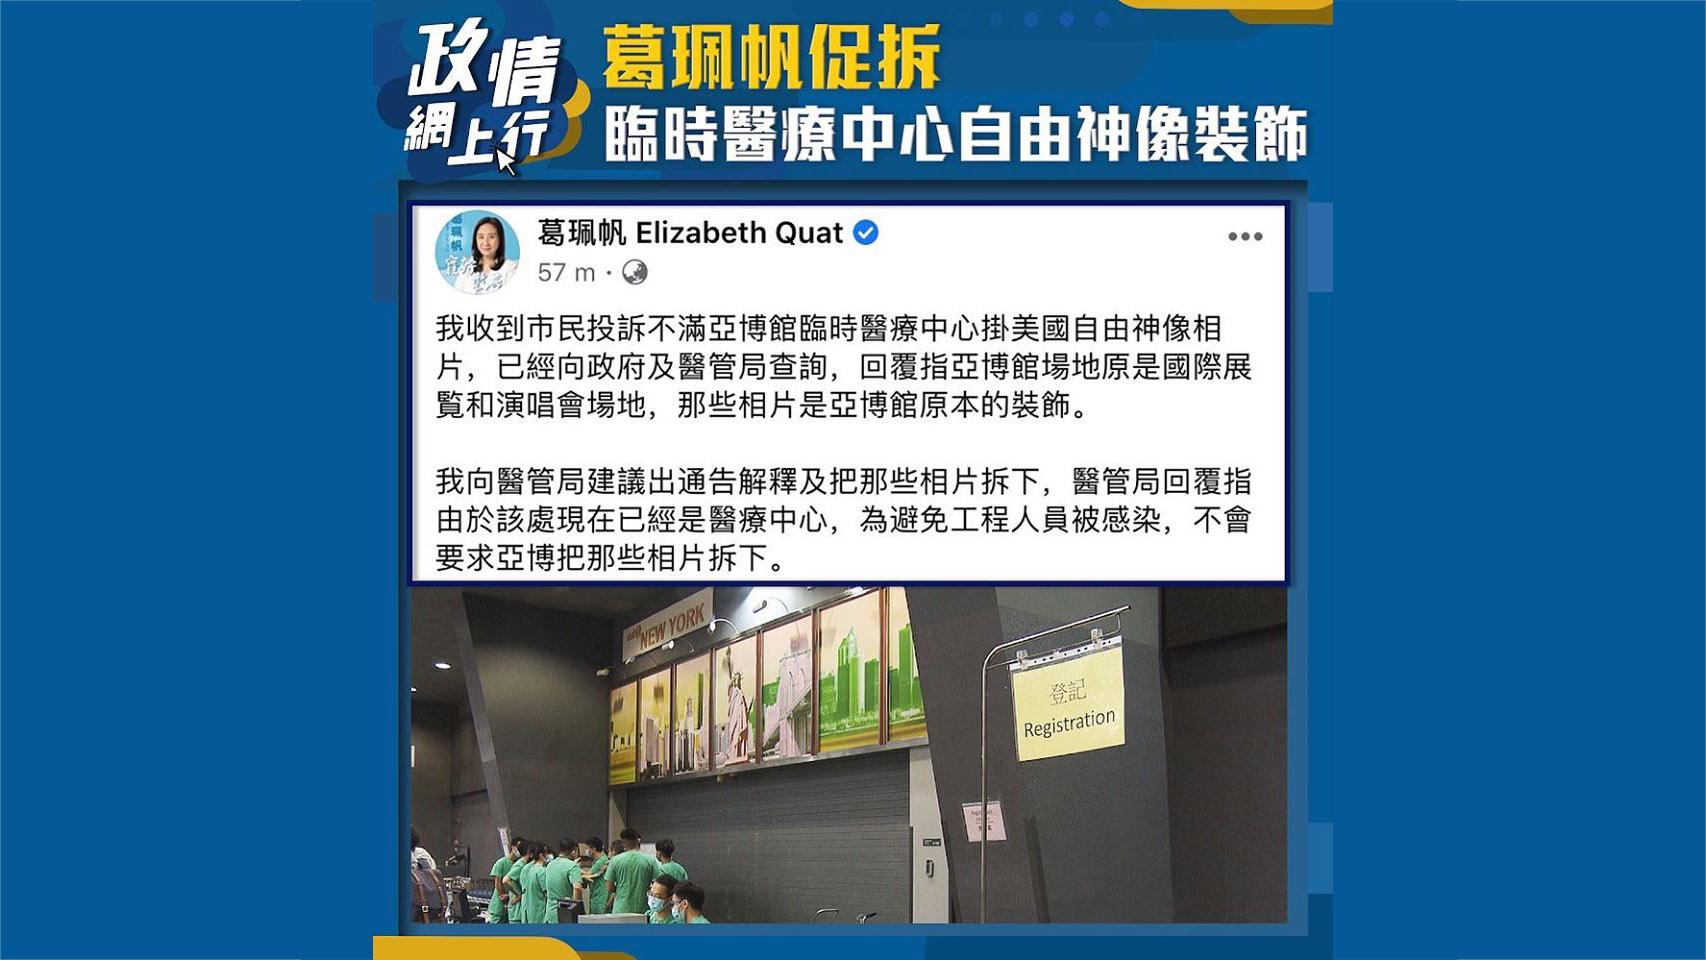 【政情網上行】葛珮帆促拆臨時醫療中心自由神像掛飾